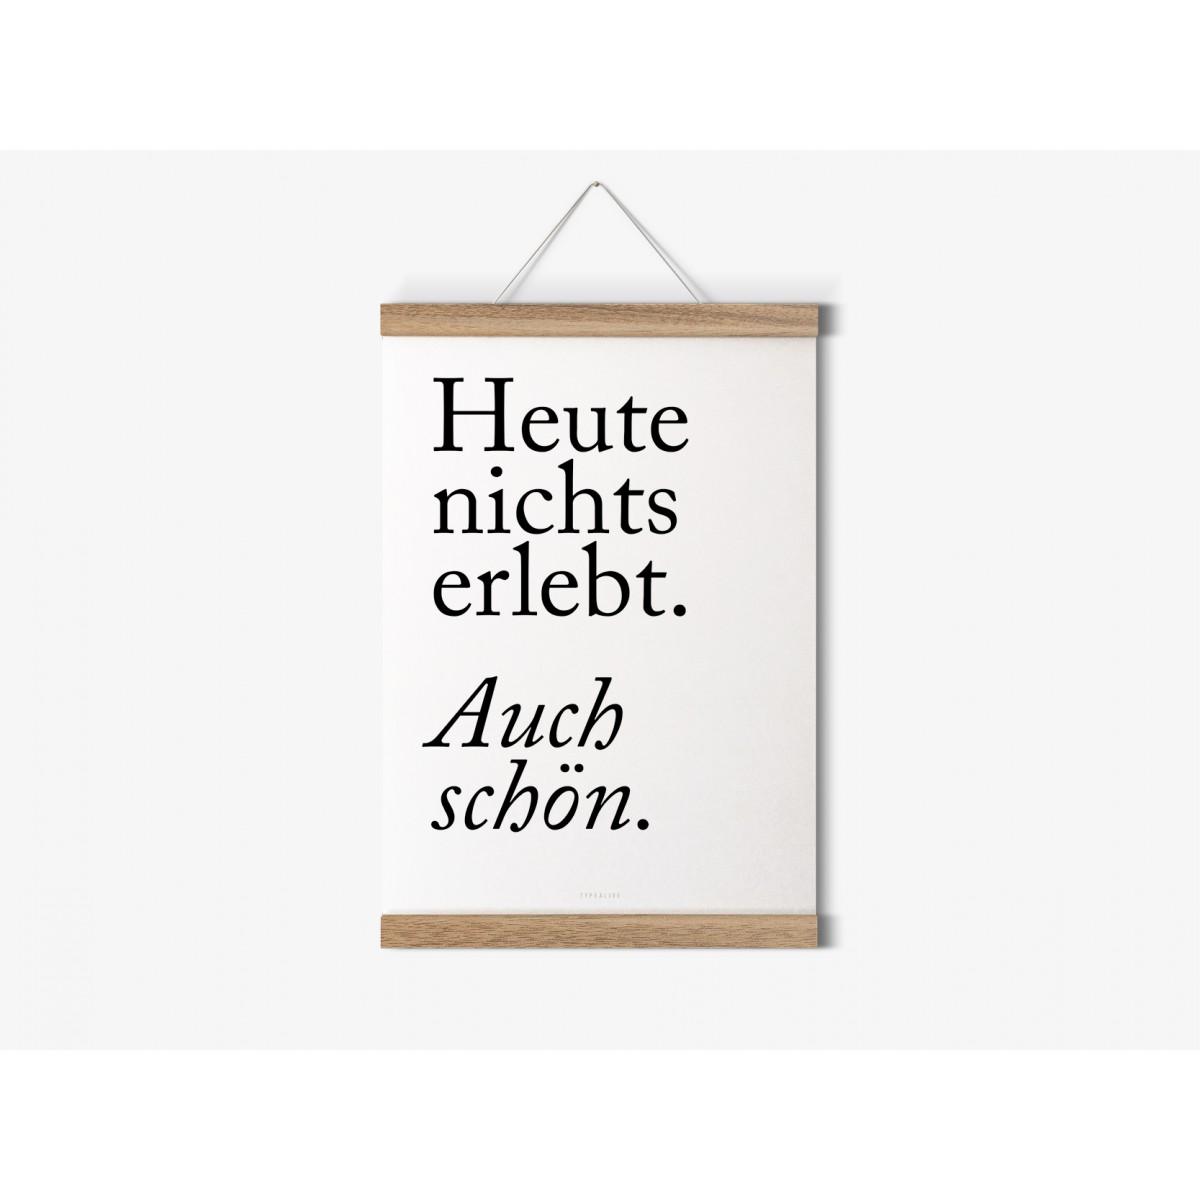 typealive / Magnetische Posterleiste aus Eiche / perfekt für DIN A5-Prints